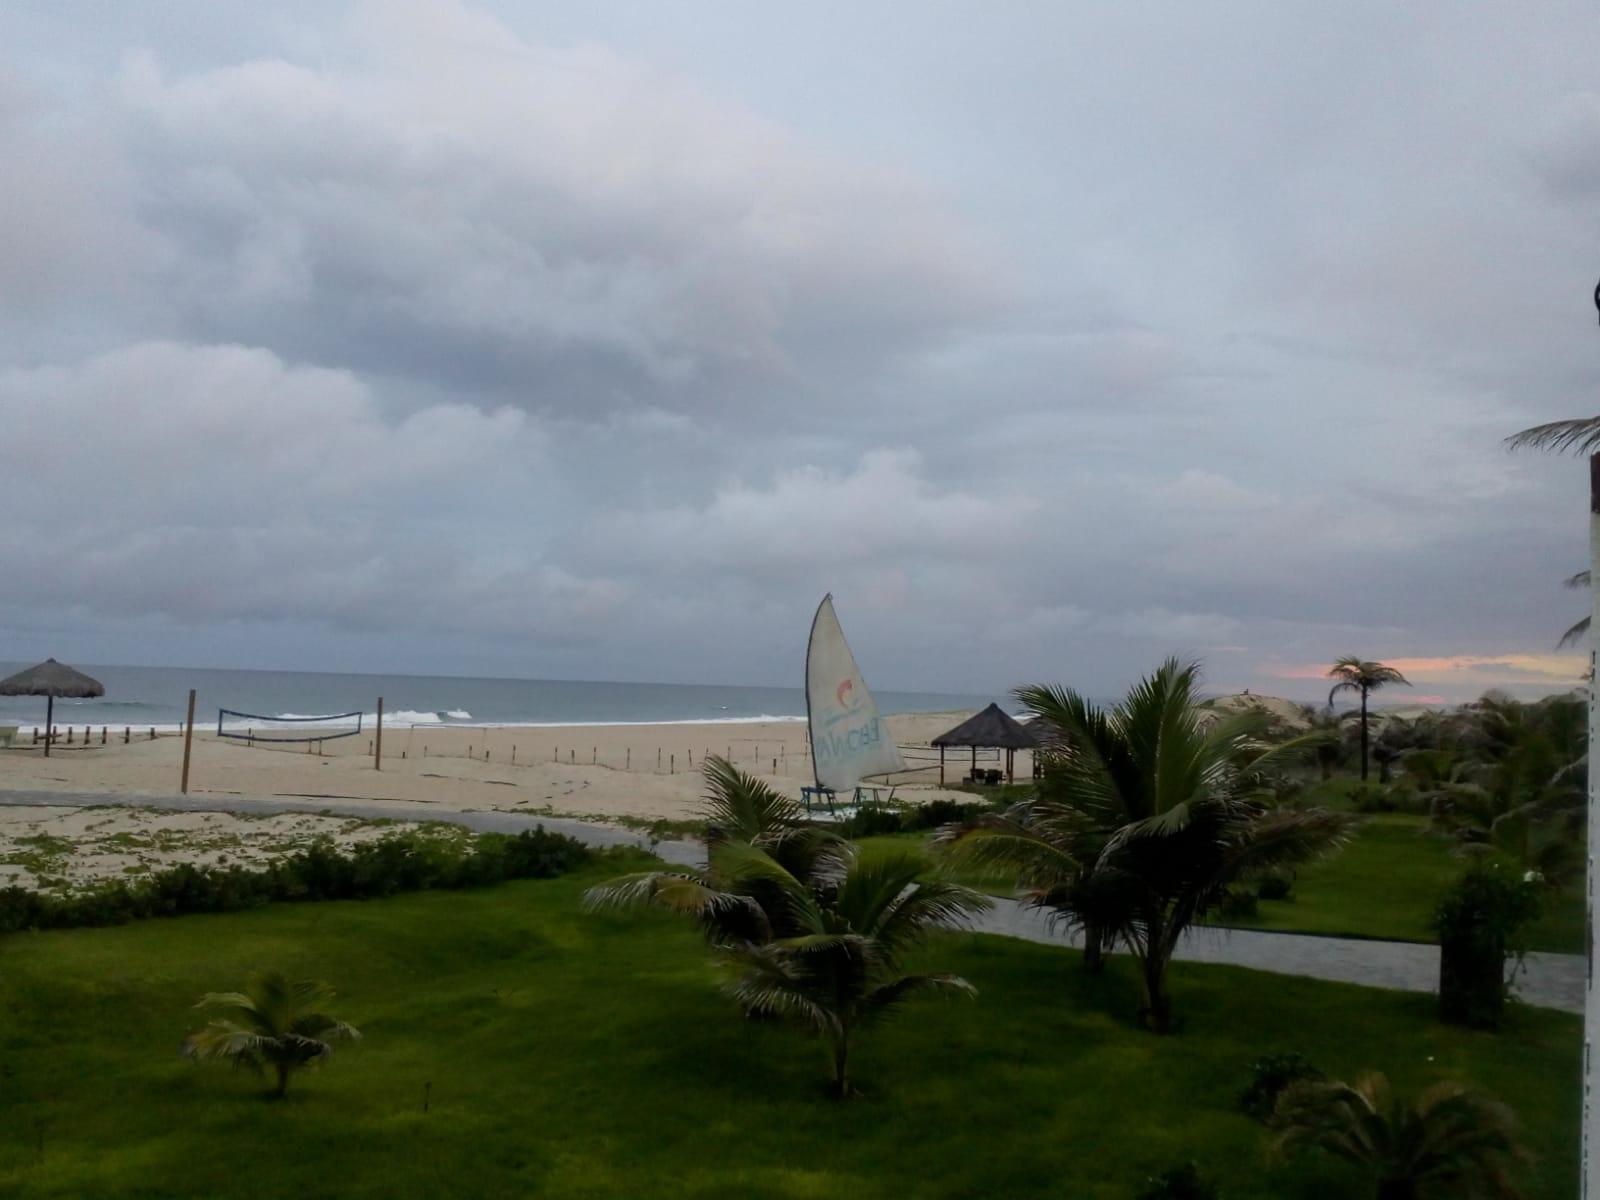 Proximidade da ZCIT colaborou com chuvas nos últimos dias (FOTO: Priscila Ferreira )